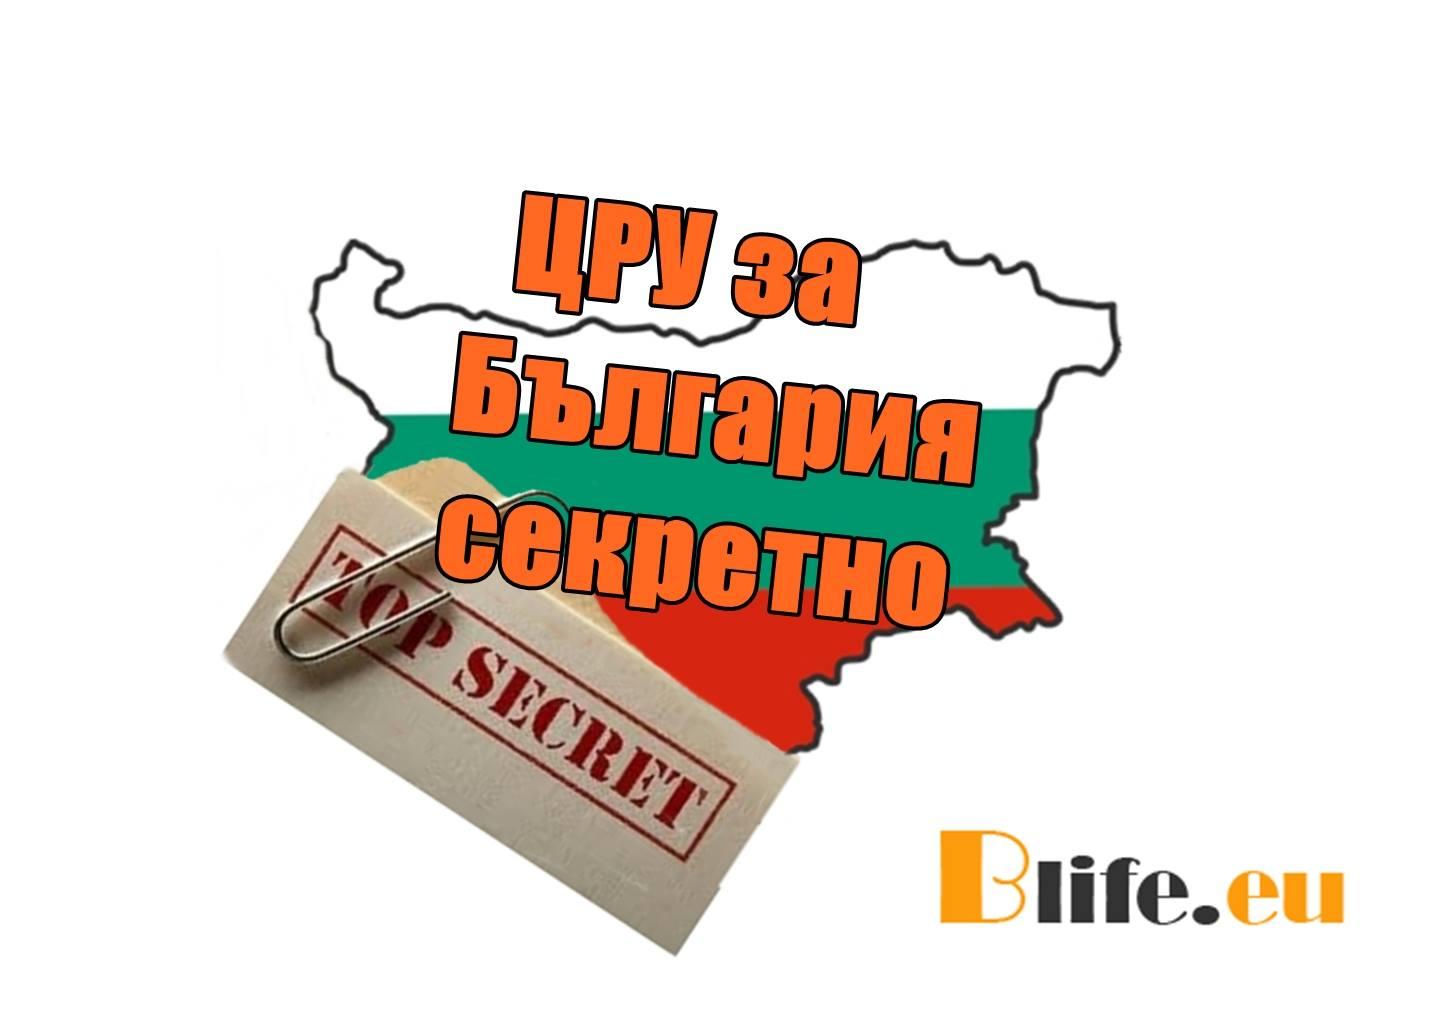 ЦРУ за България секретно